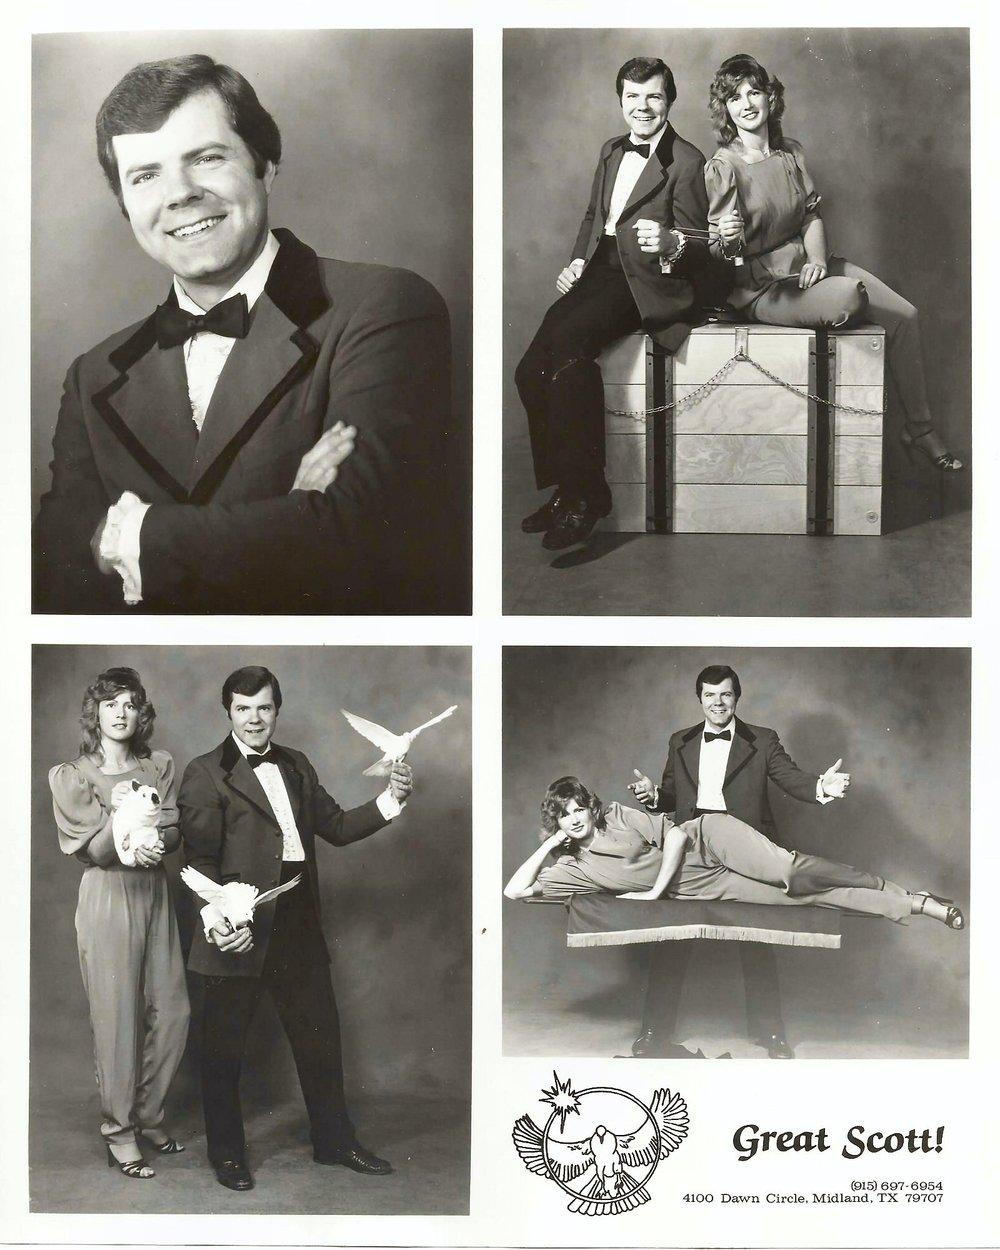 Scott Wells collage.jpg